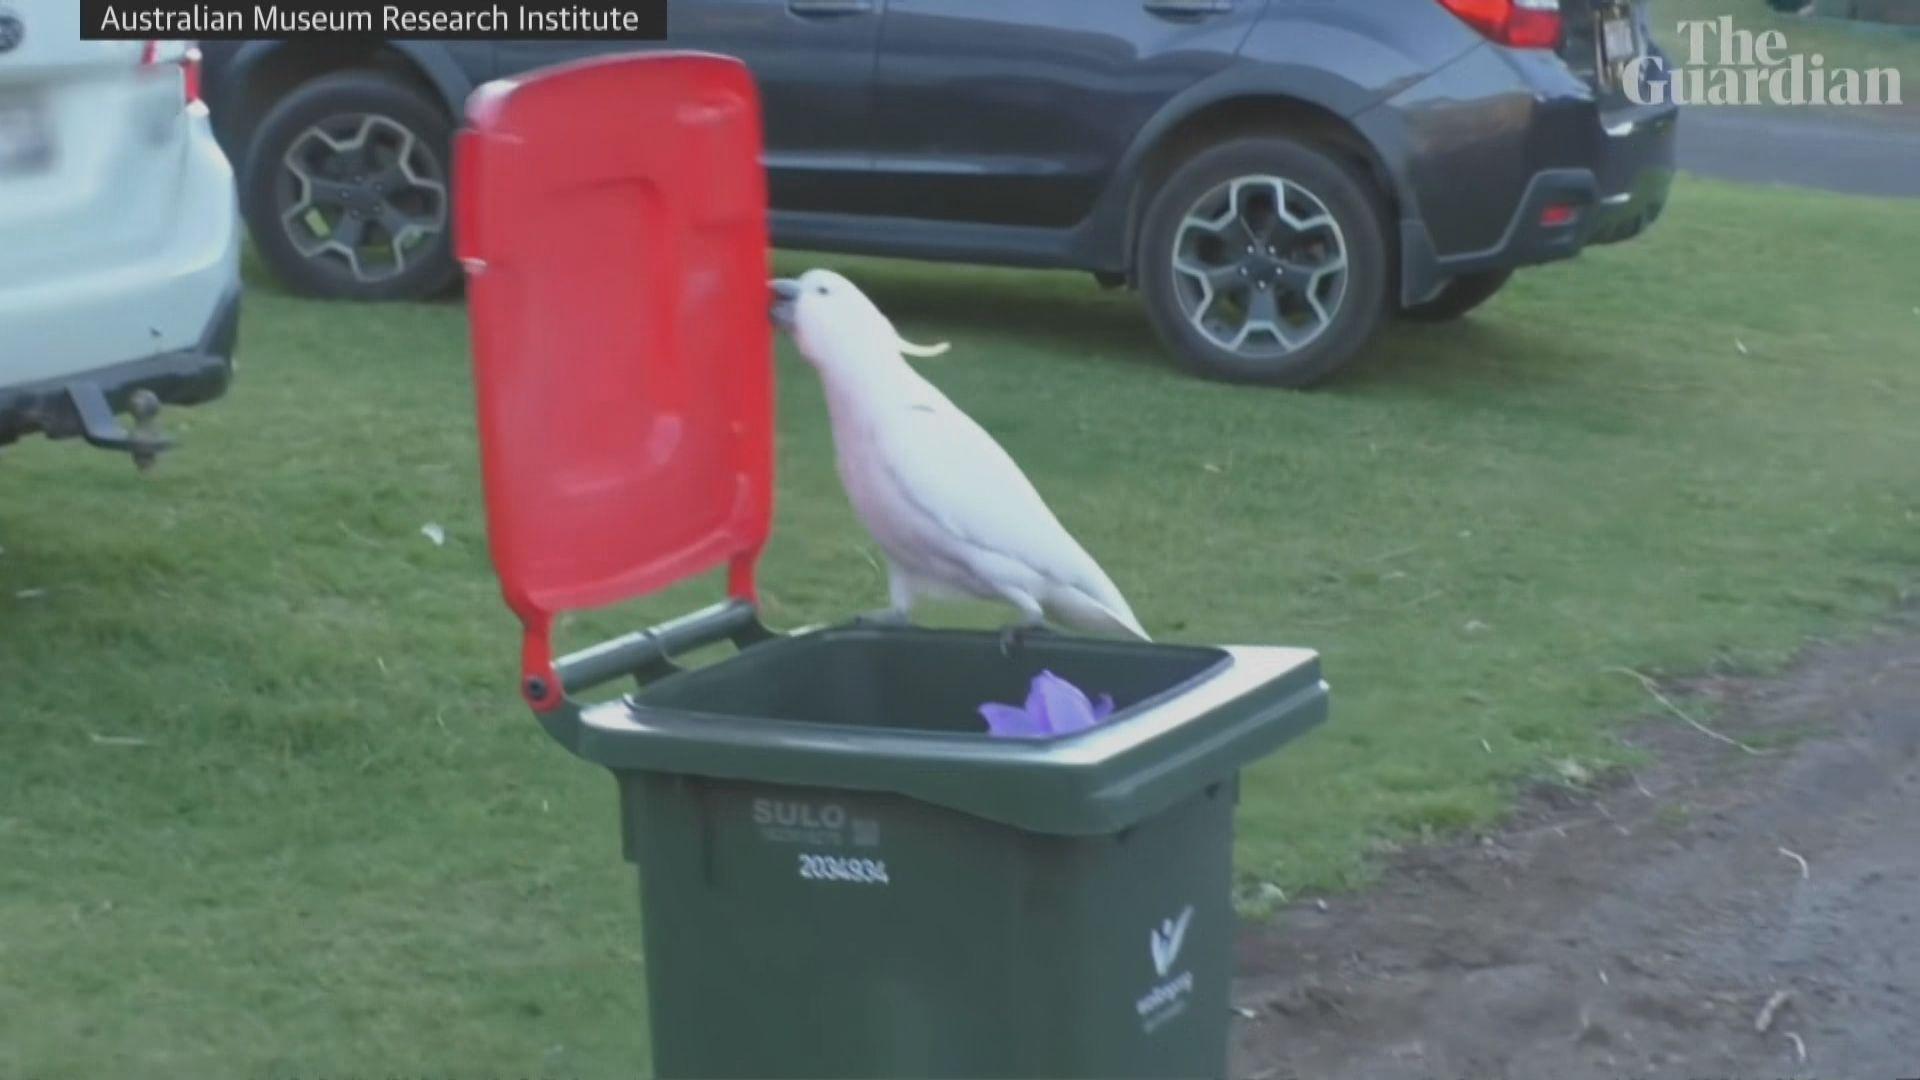 【環球薈報】澳洲有鸚鵡能互相學習打開垃圾桶蓋覓食